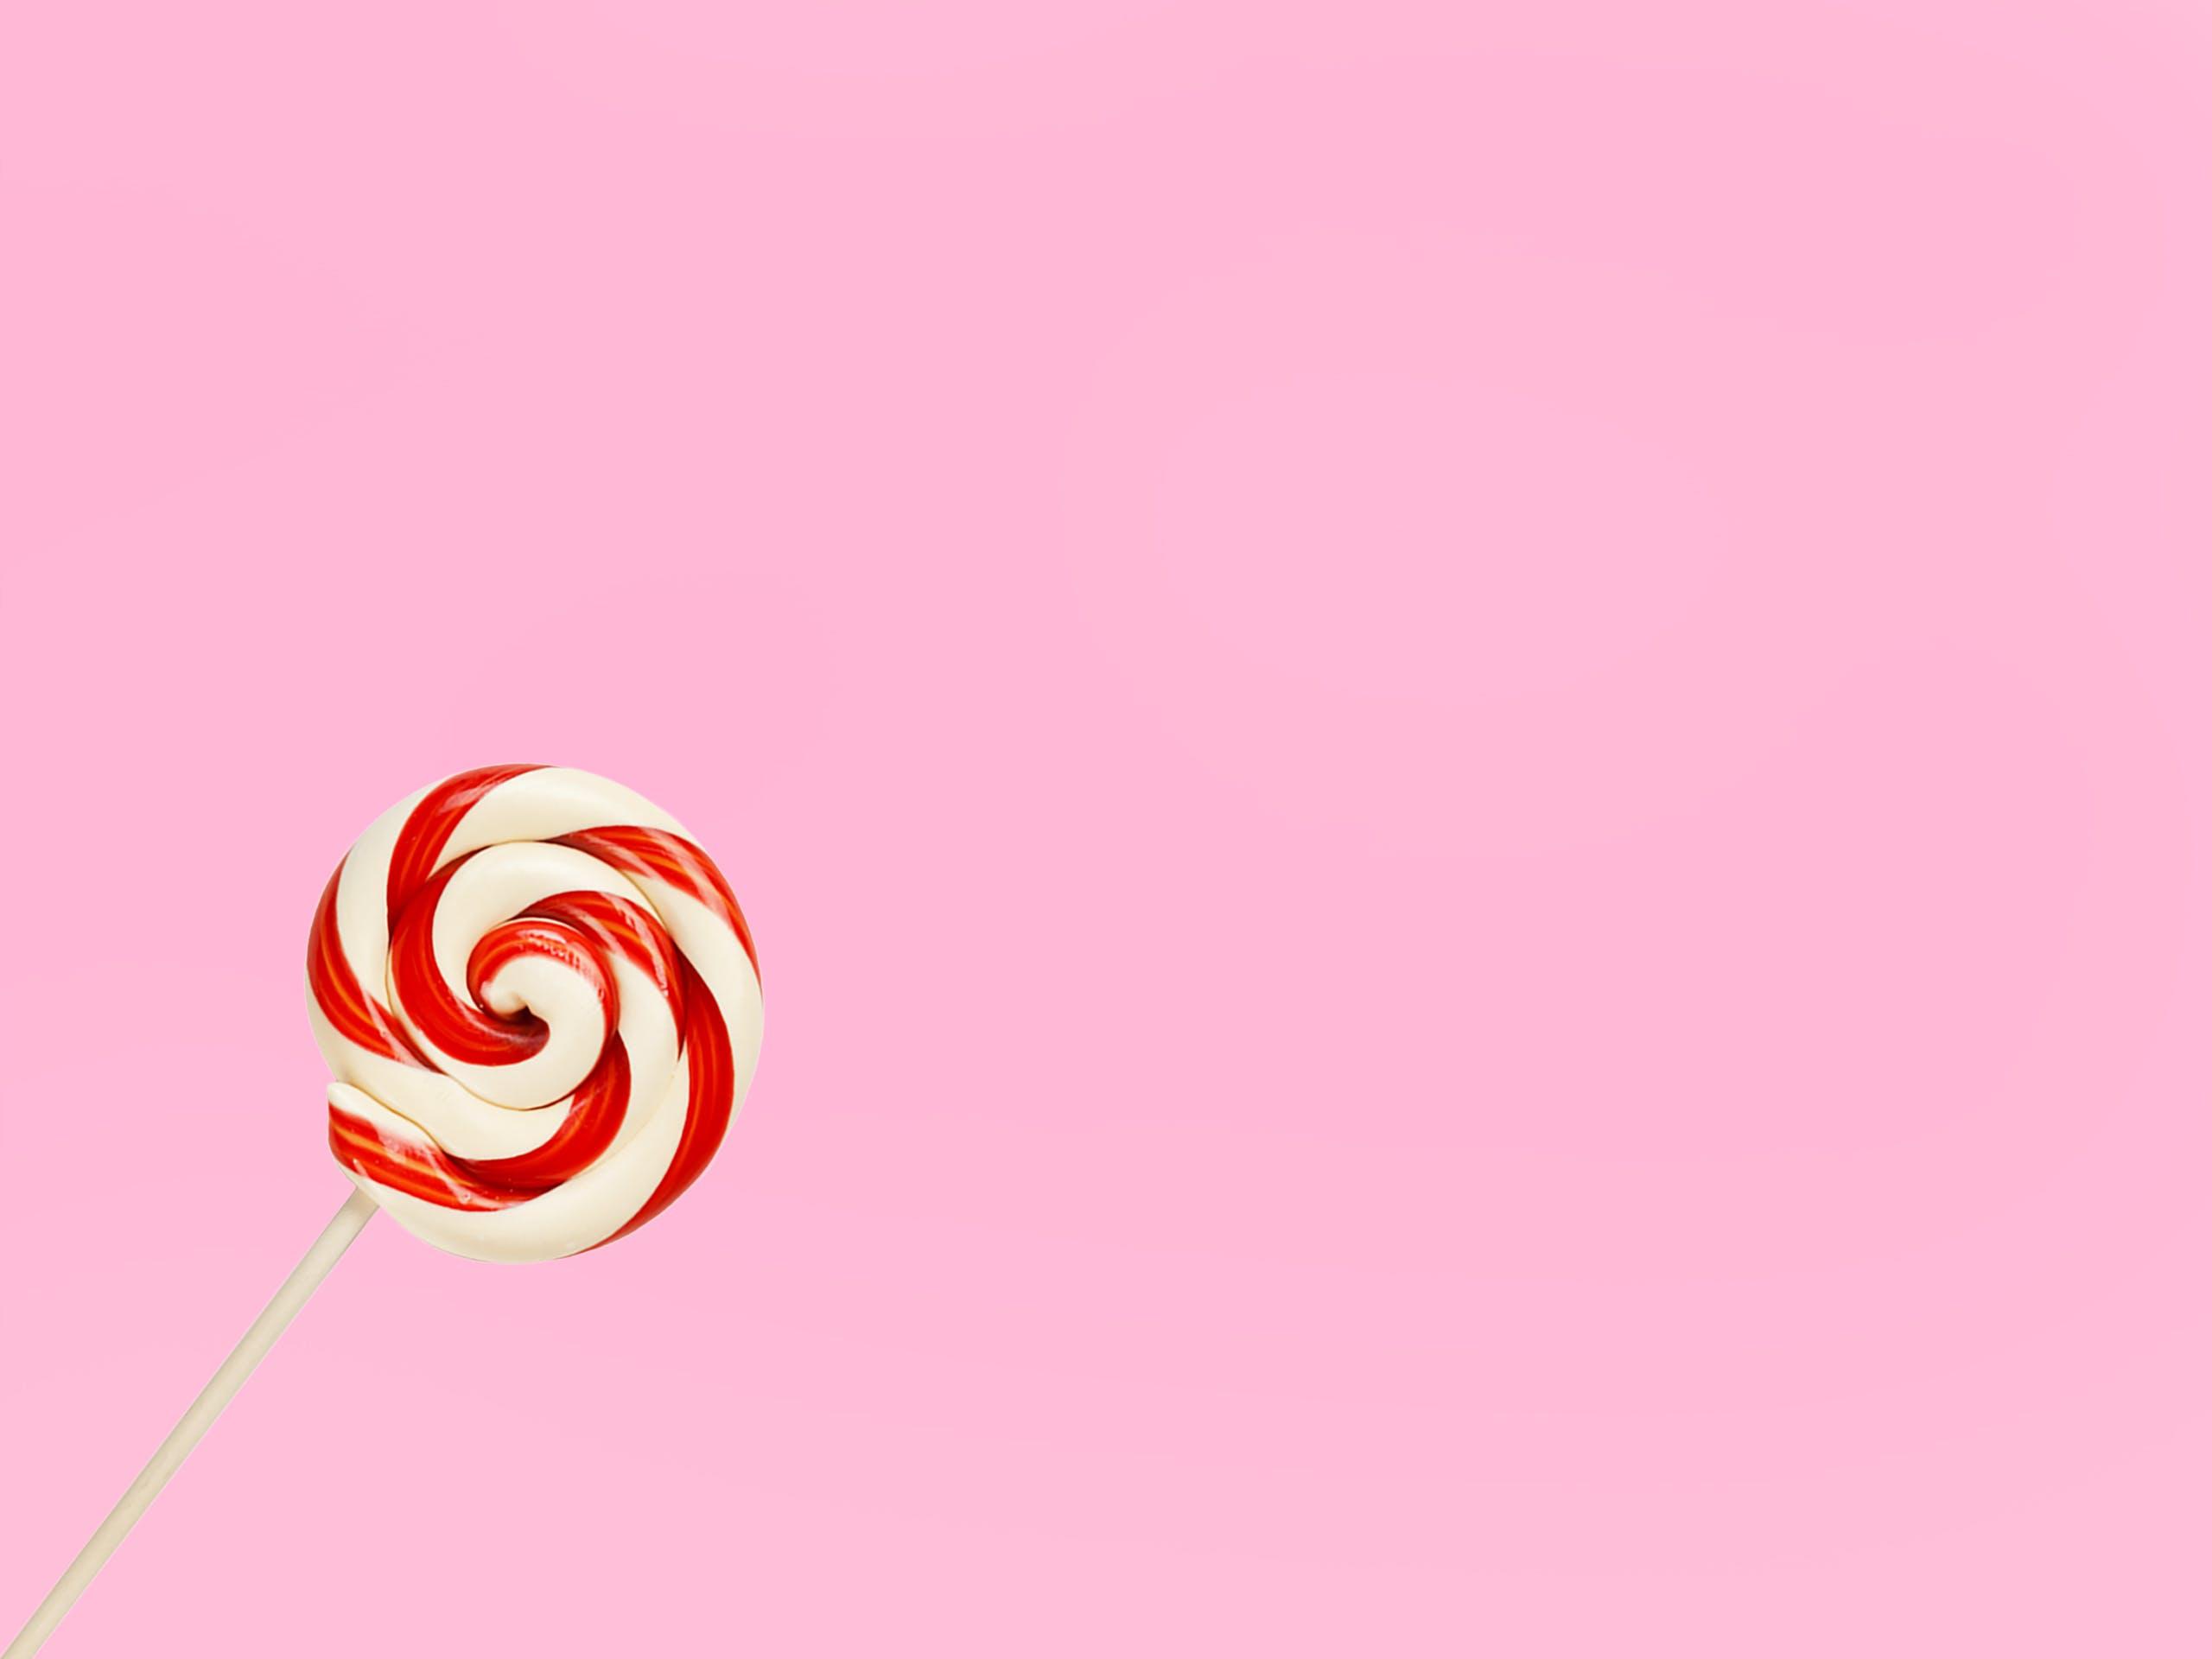 Foto d'estoc gratuïta de Caramel, Chupa-chups, color, disseny